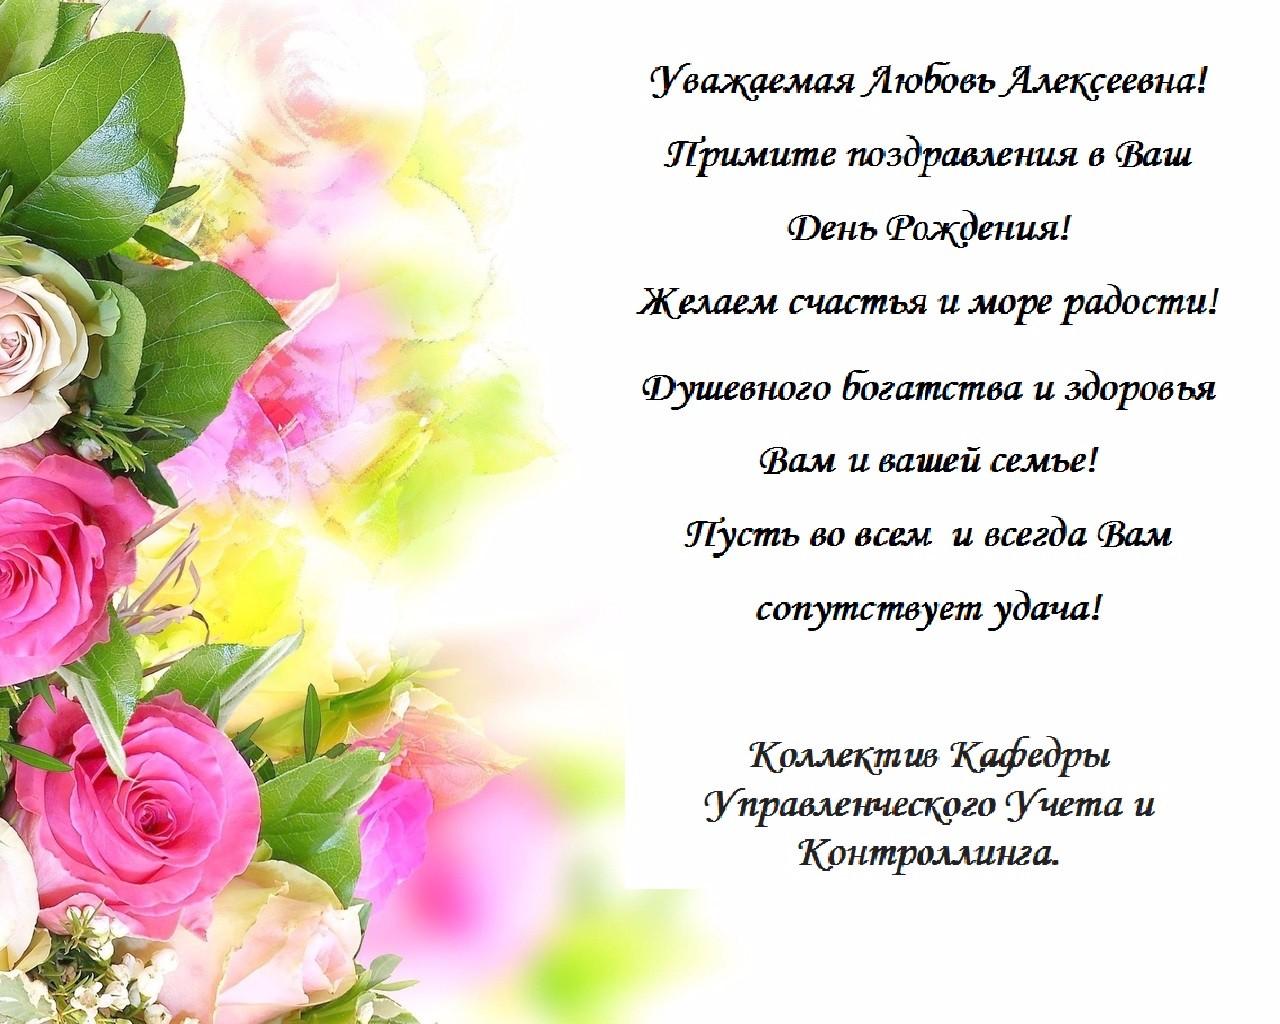 Поздравление с днем рождения женщине руководителю коллектива